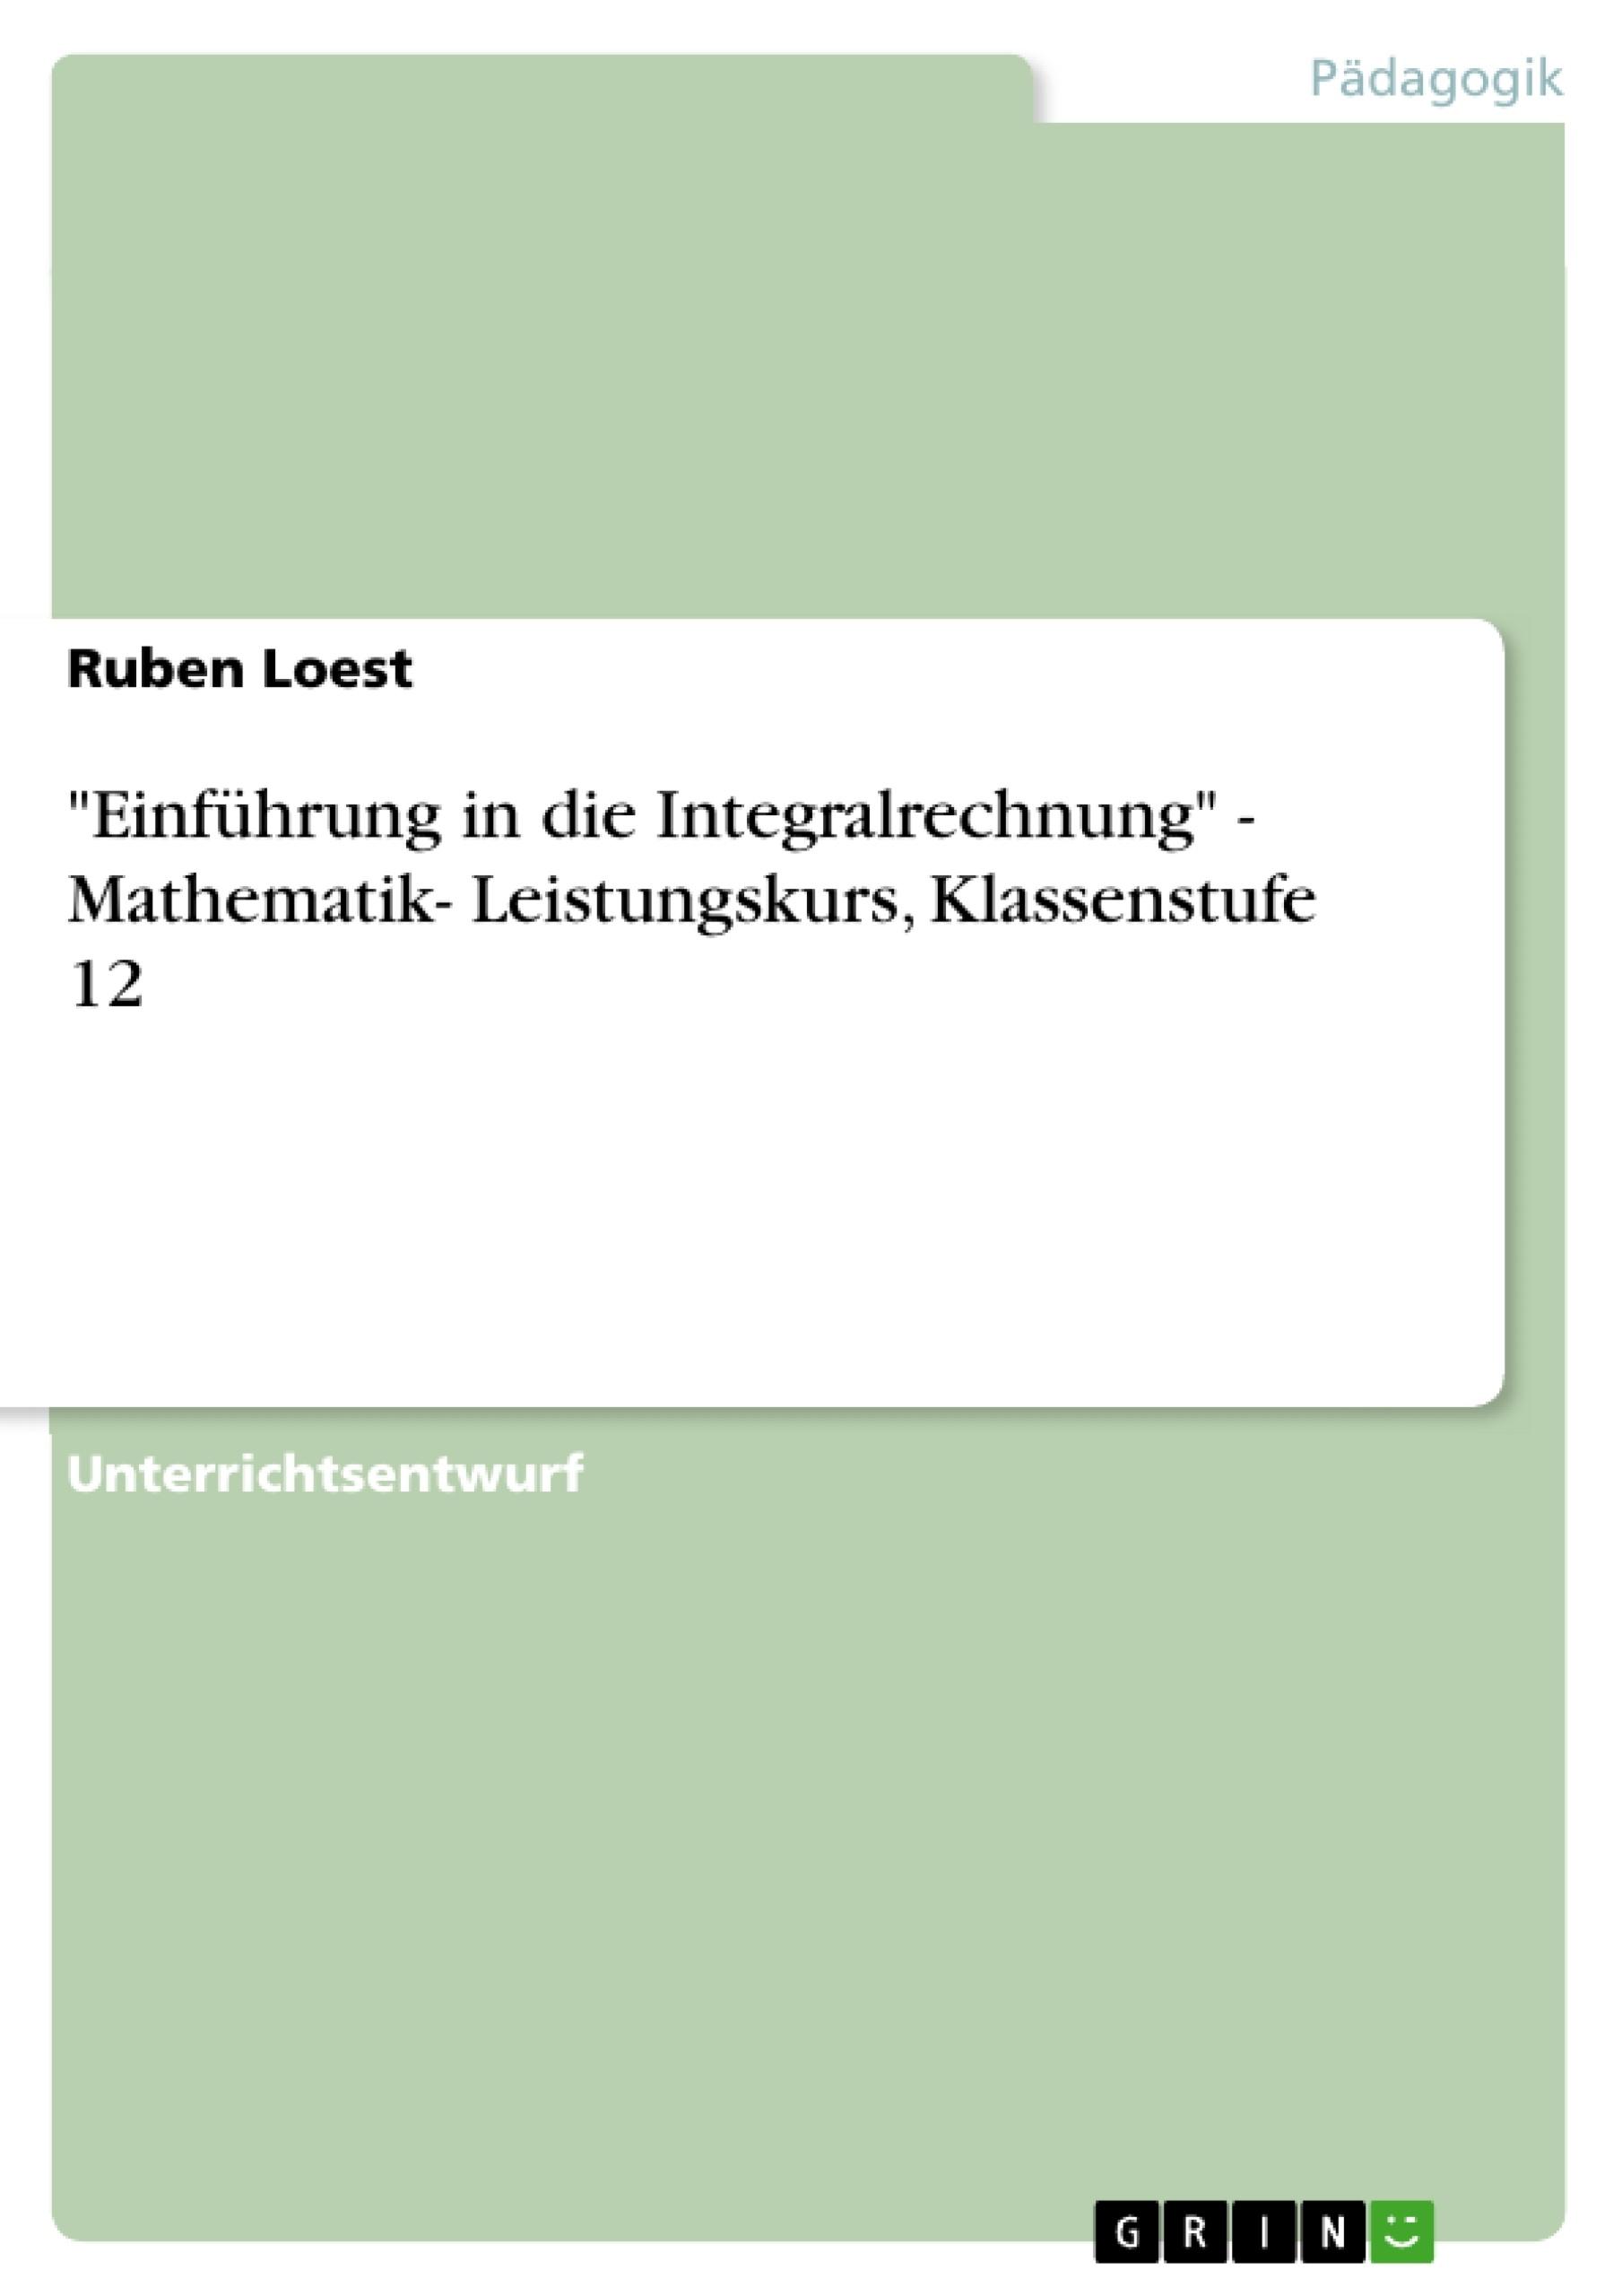 Tolle Absolutwert Mathe Arbeitsblatt Zeitgenössisch - Super Lehrer ...